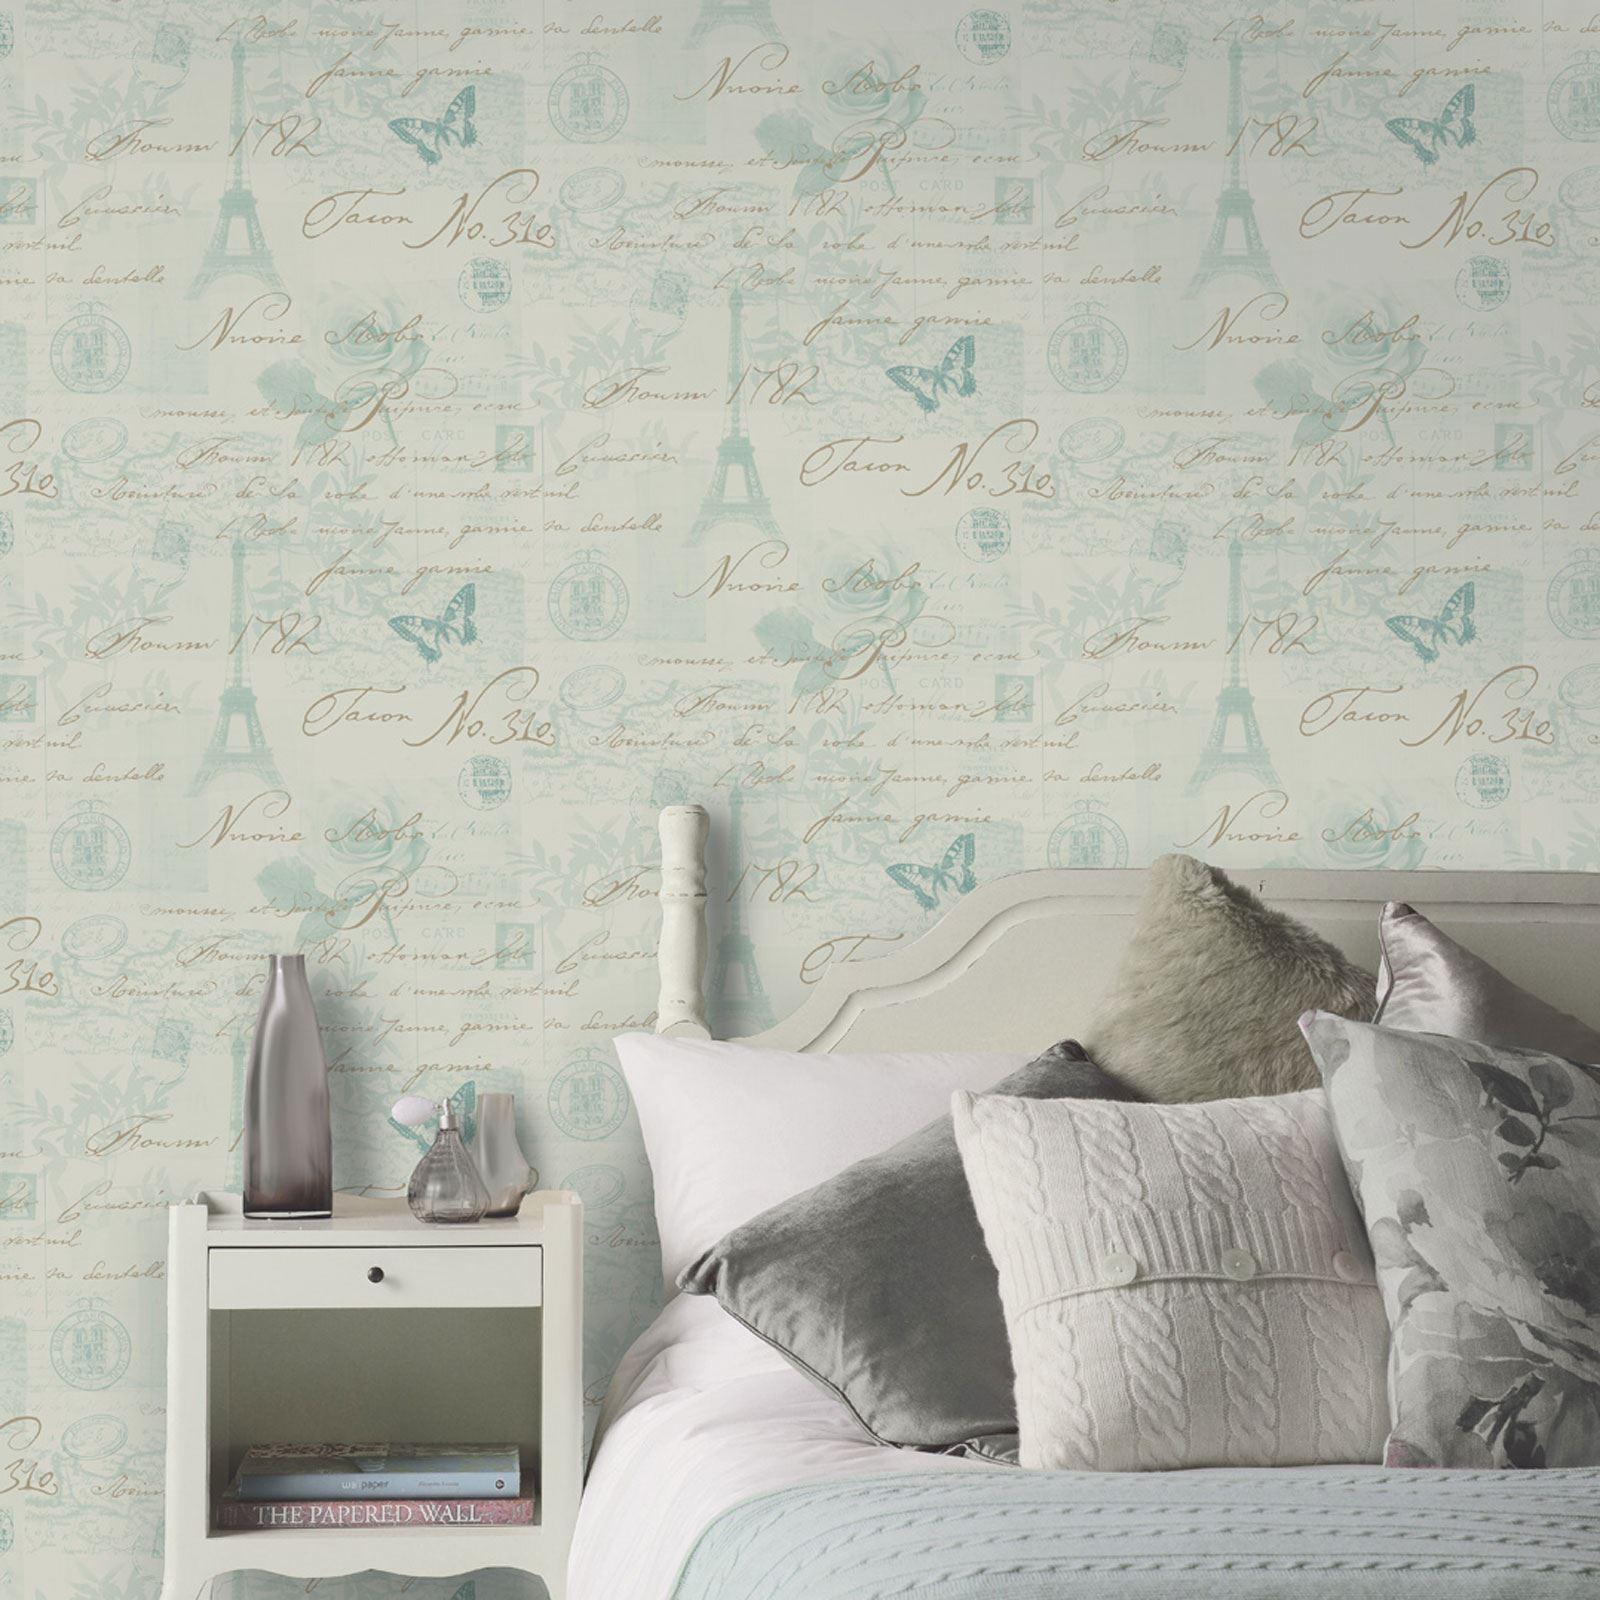 Beautiful Wallpaper Grey Duck Egg Blue - 7605f003-4fde-4304-a12f-50db142c6f53  Trends_869969.jpg